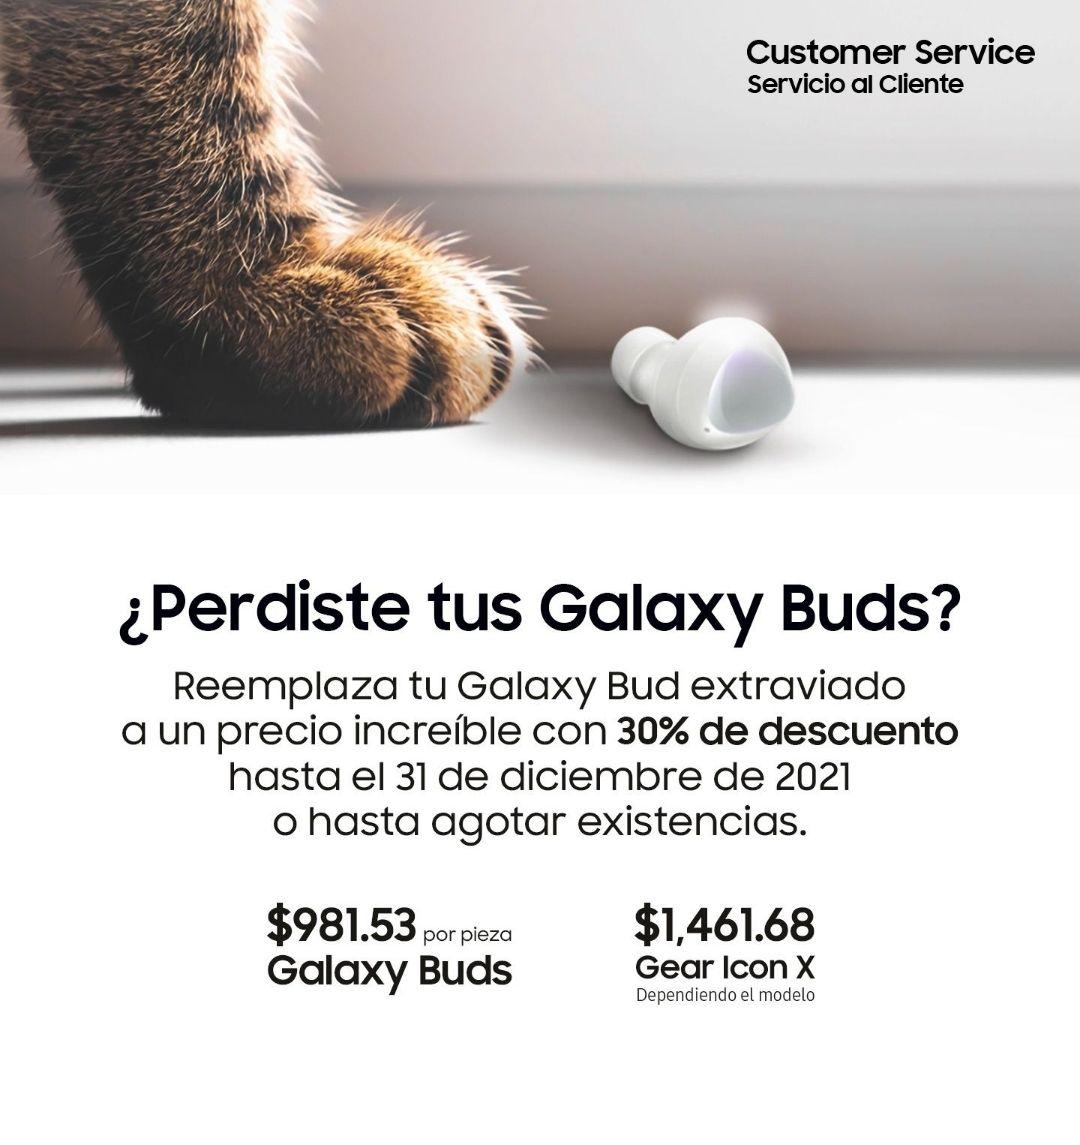 Samsung Store: Descuento en un Galaxy Bud y Gear Icon pa los despistados que todo pierden (como yo).